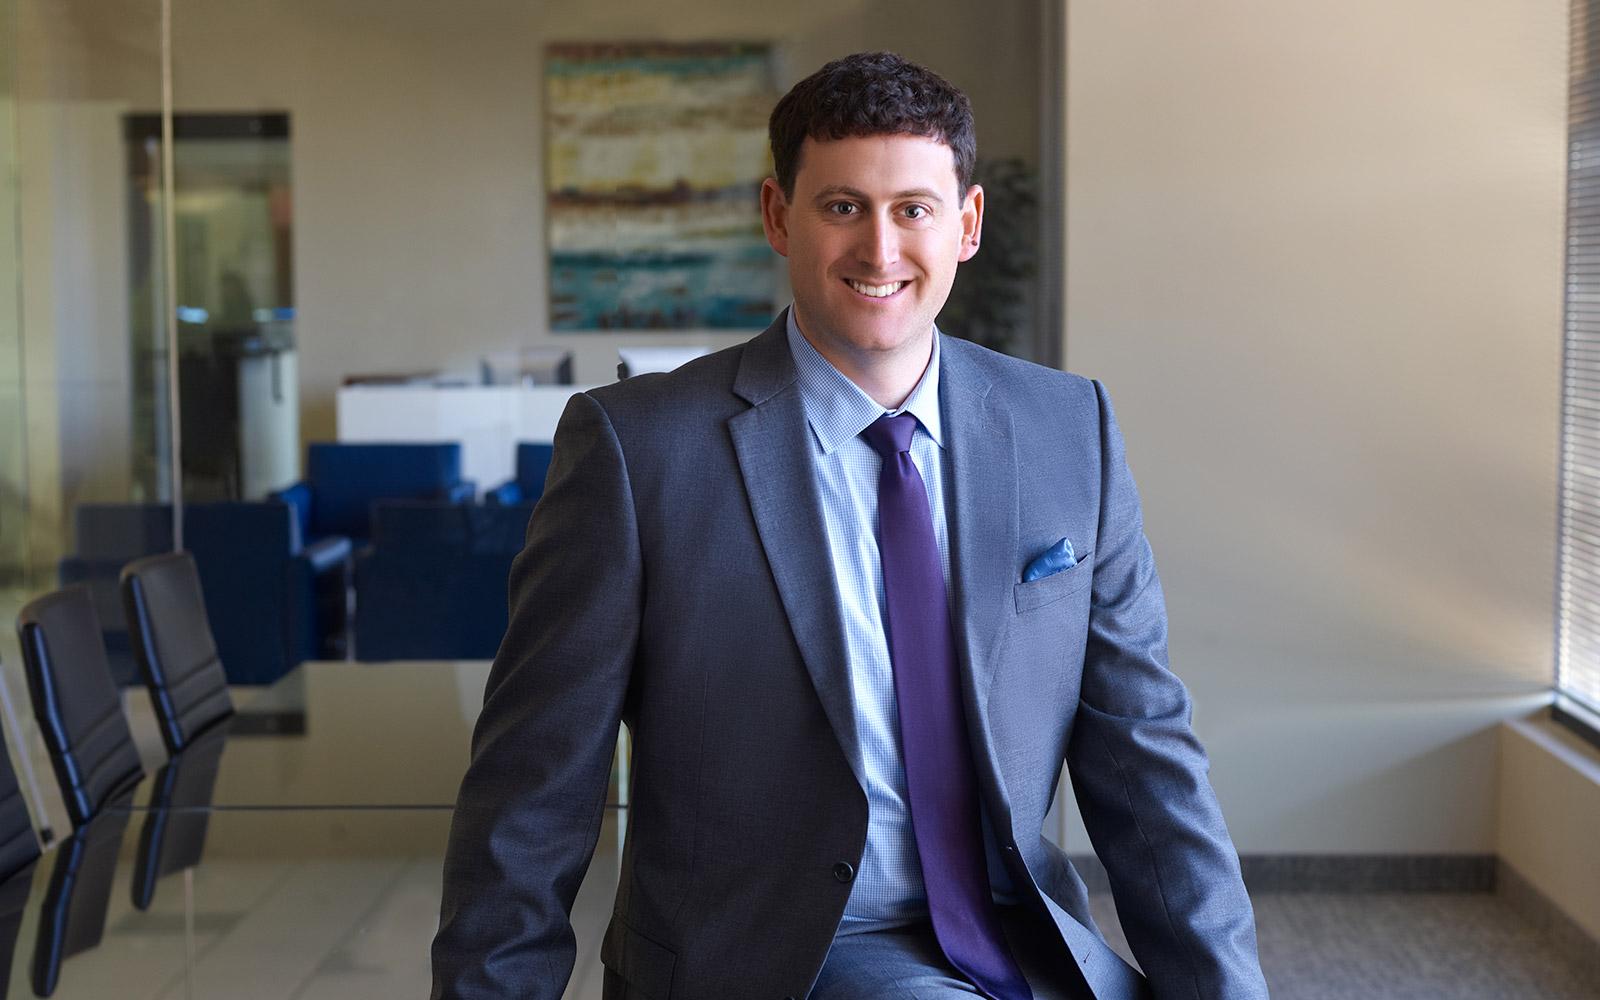 Paul Skrickus wearing suit